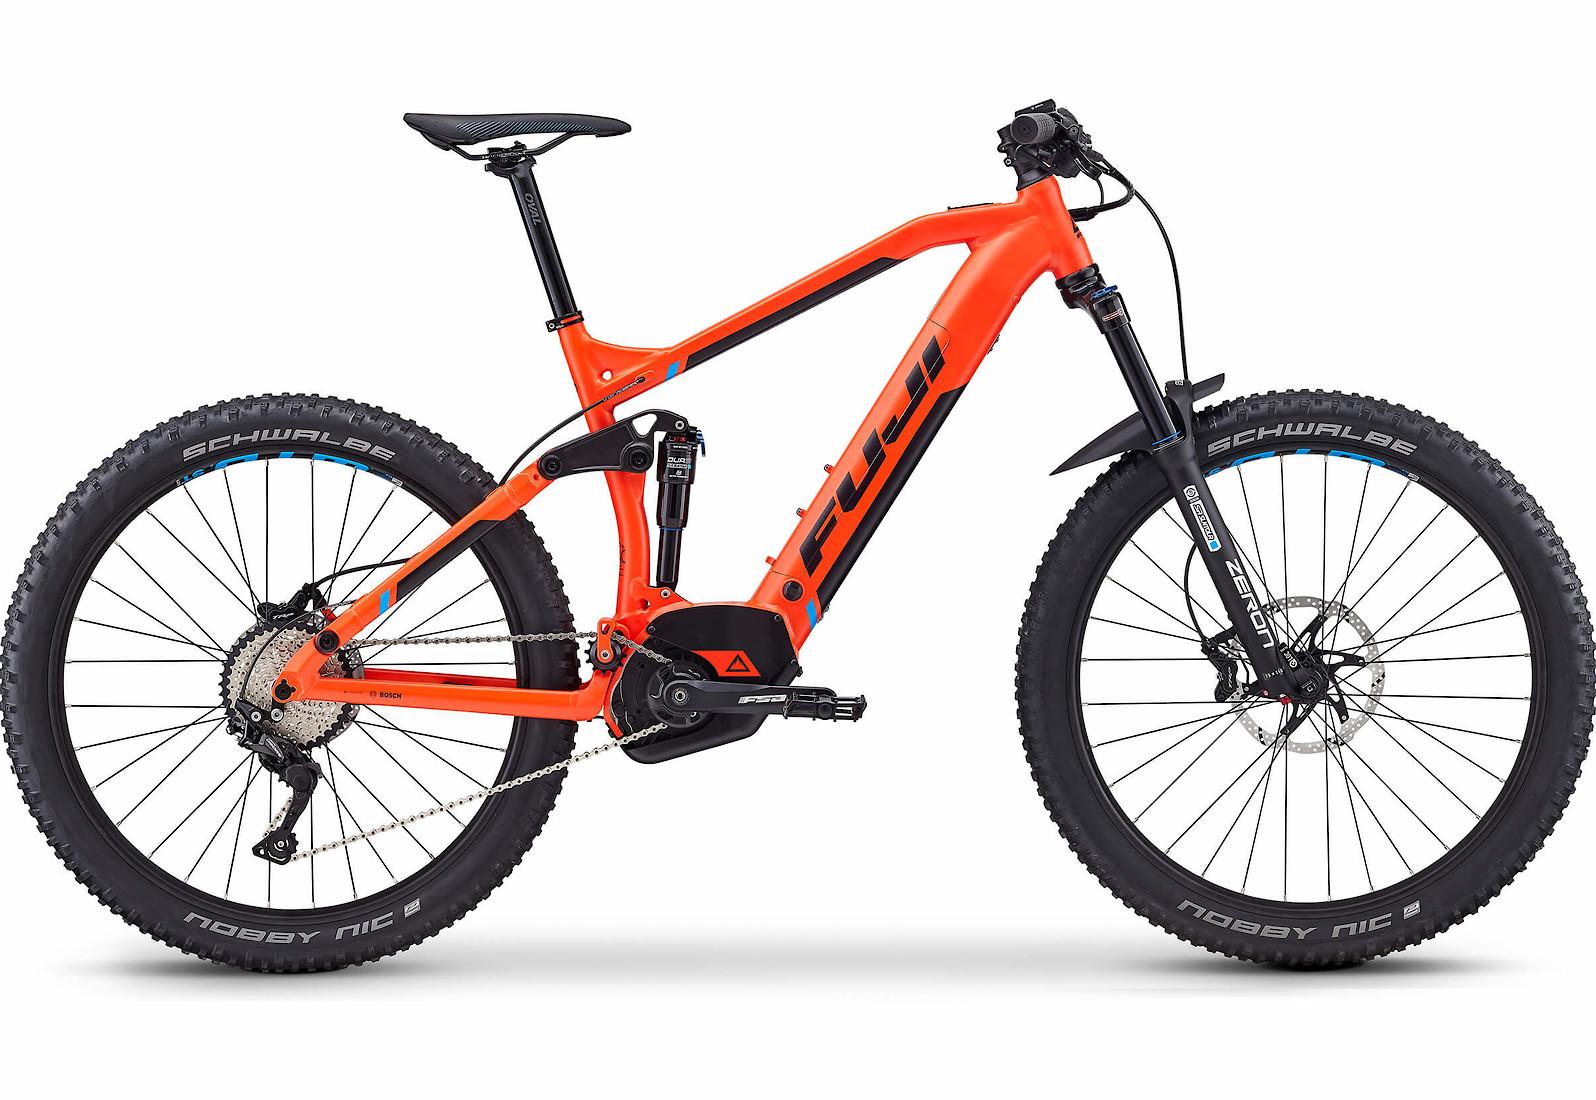 2019 Fuji Blackhill Evo LT 27 5+ 1 5 E-Bike - Reviews, Comparisons